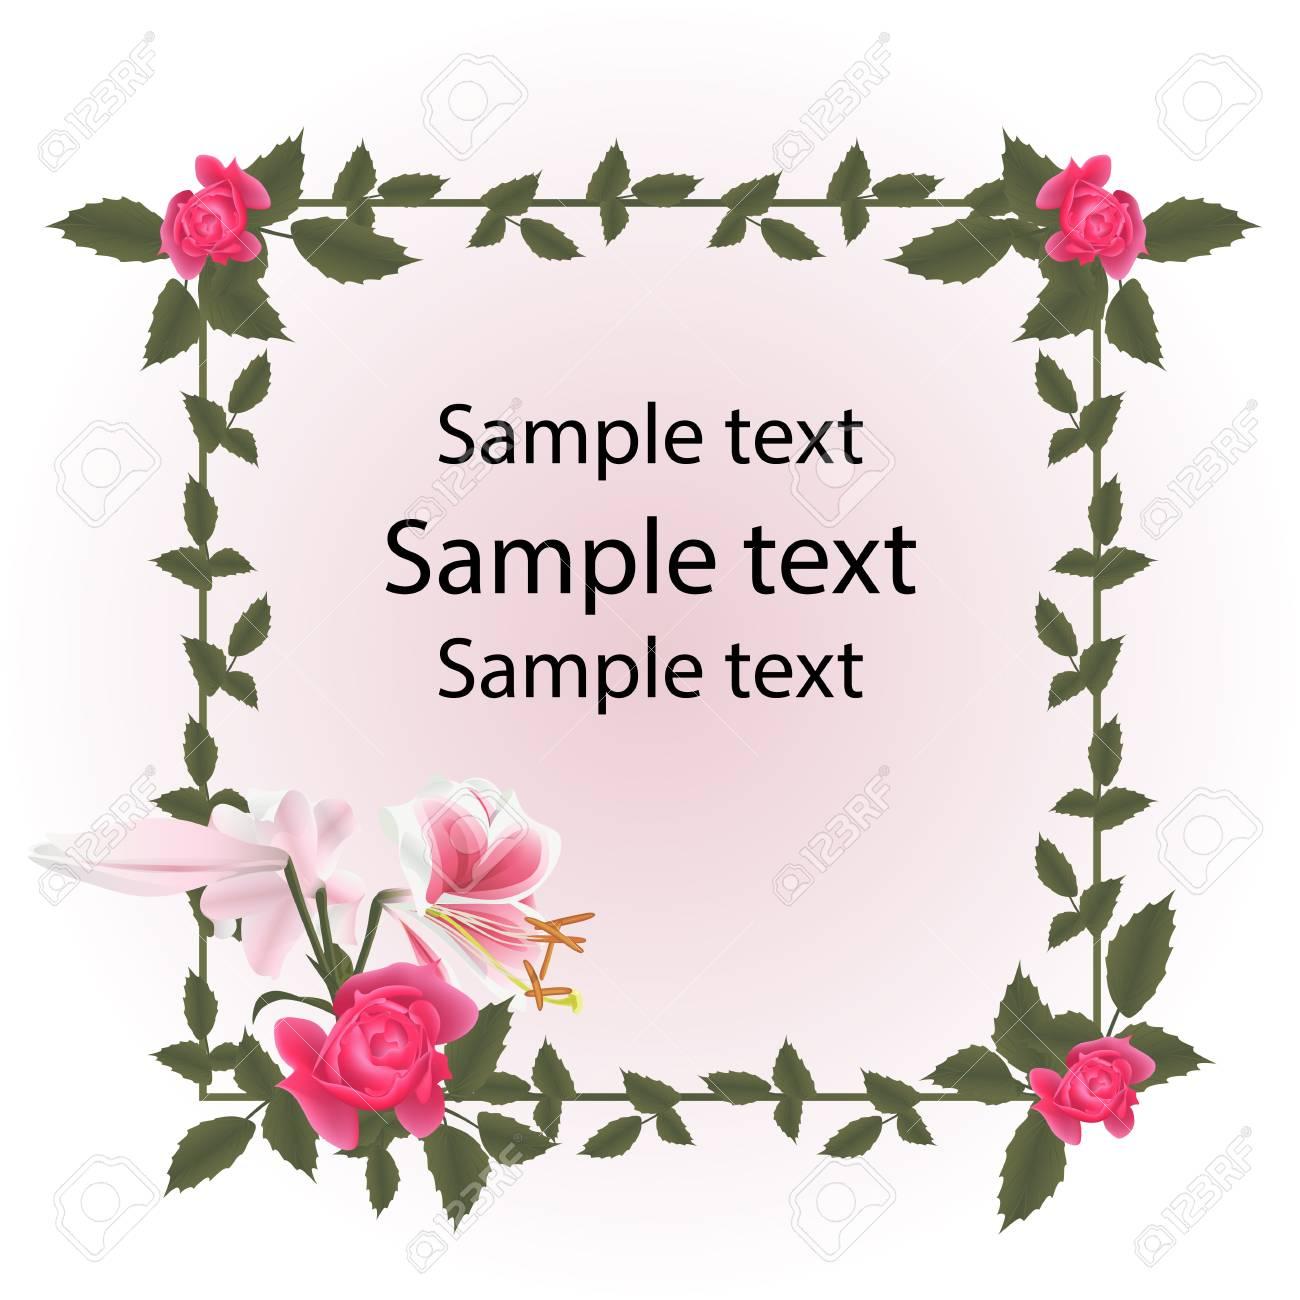 Vintage Postkarte Rahmen. Rote Rosen Und Lilienblume Sind Rosa Weiß ...